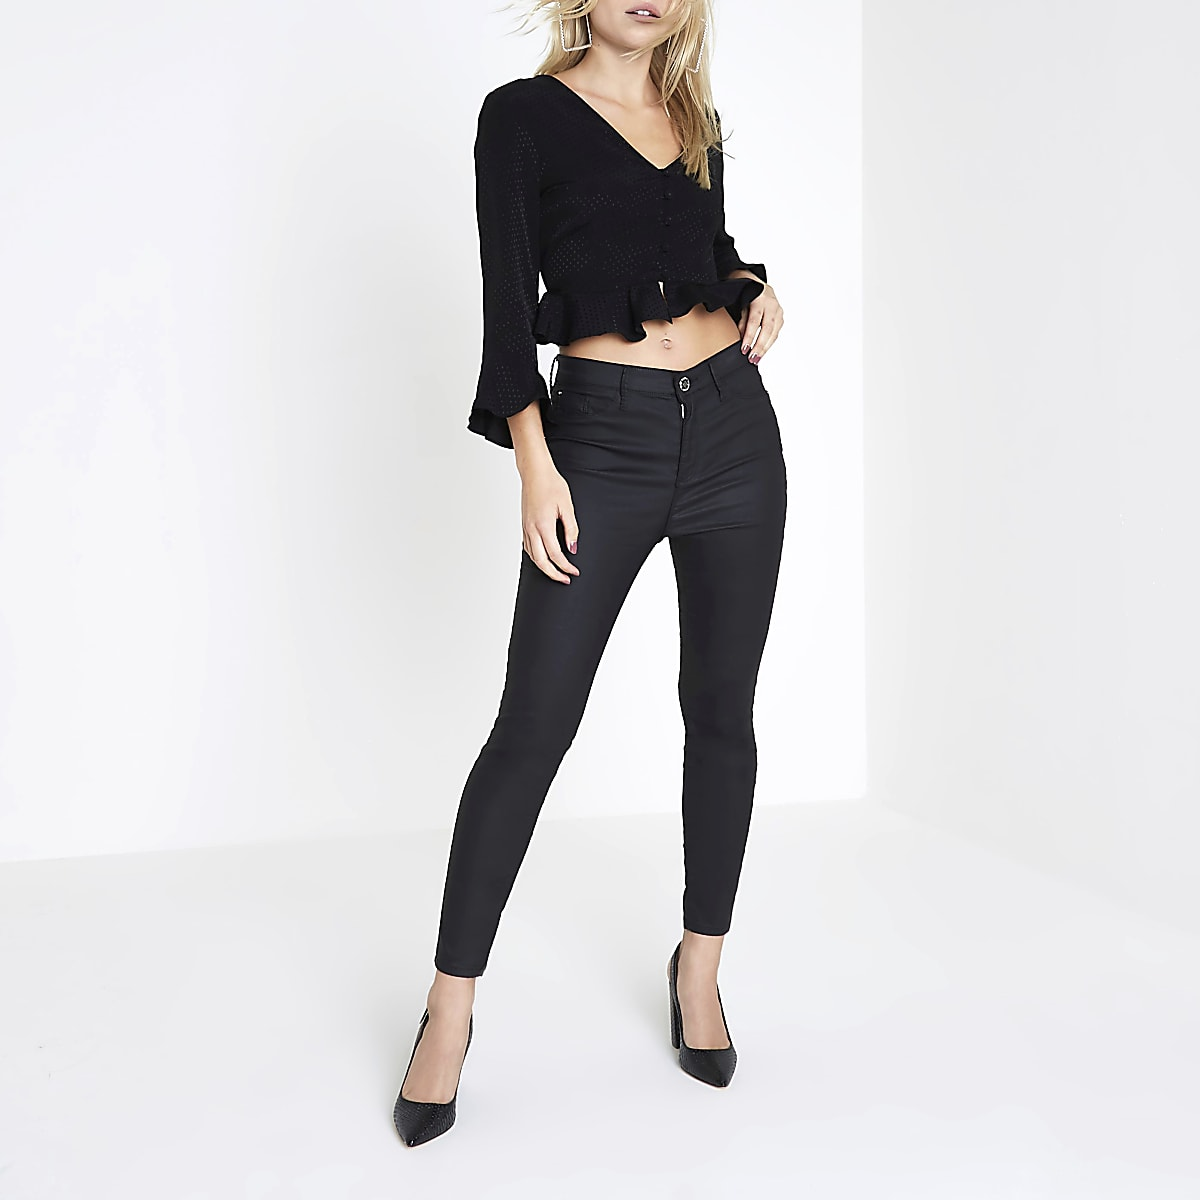 Petite black textured polka dot frill blouse